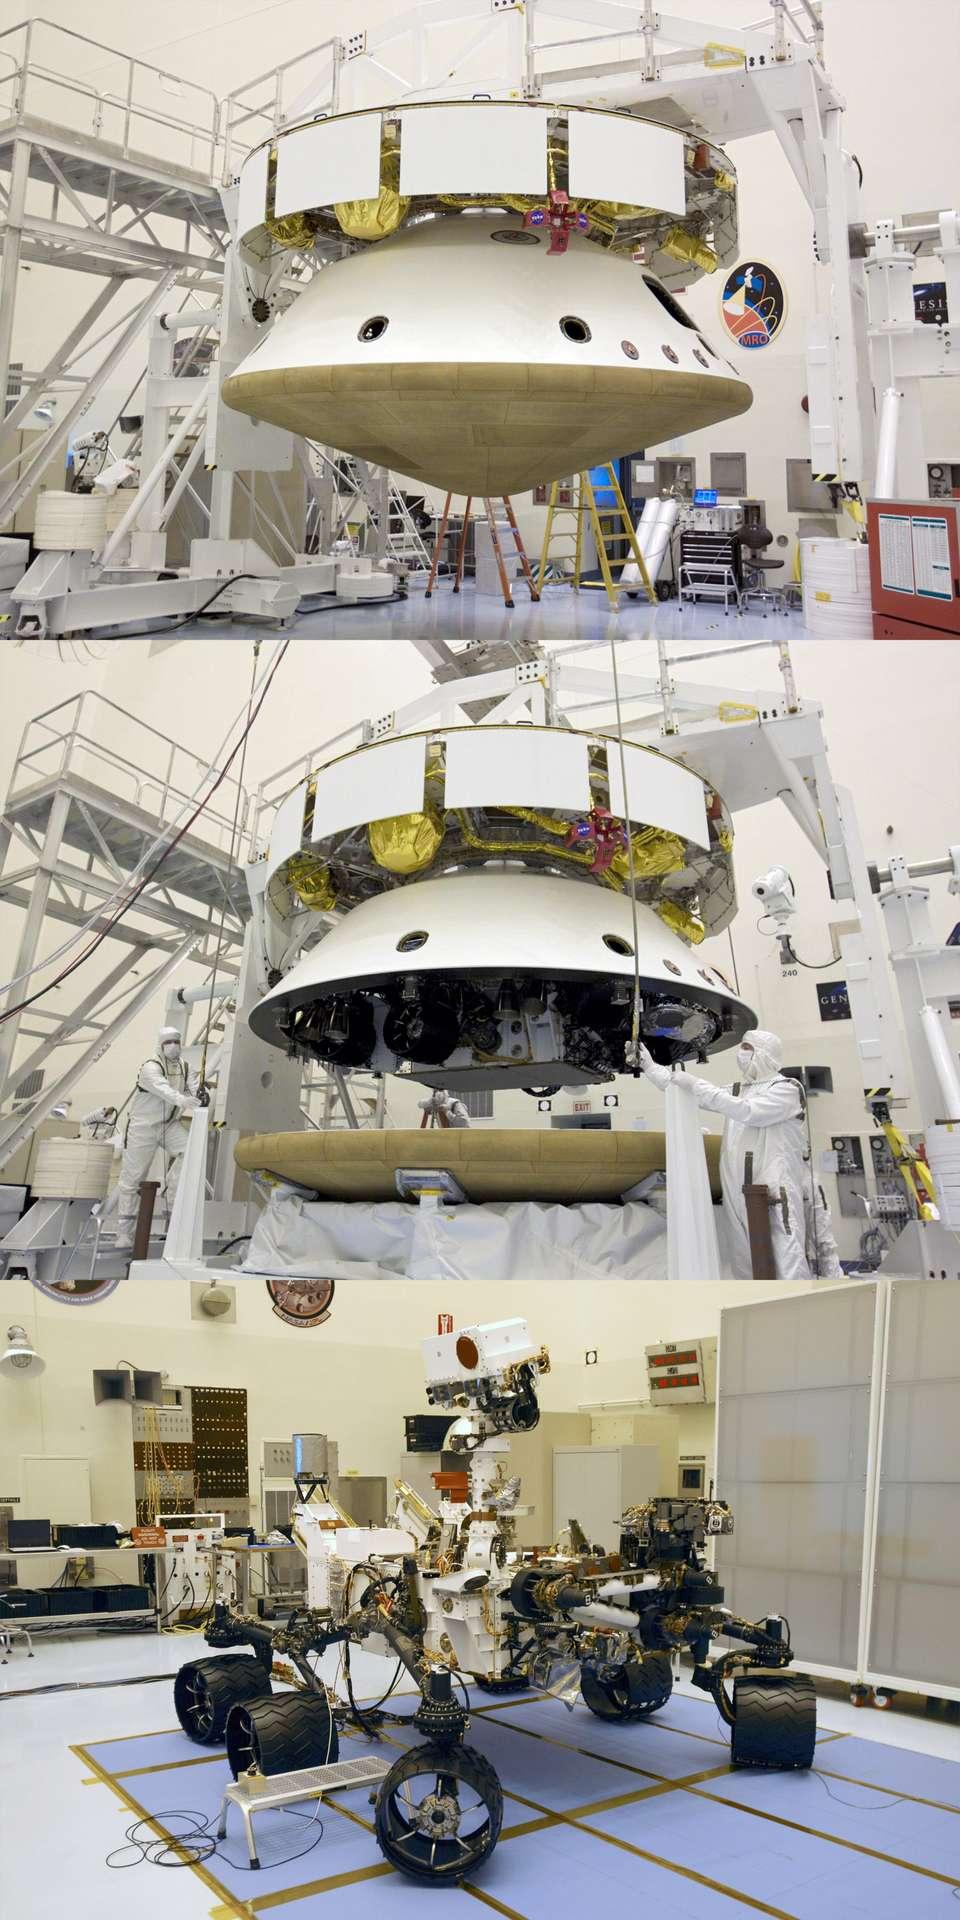 Avec un poids d'environ 900 kg, Curiosity est bien plus lourd que les 10,5 kg du Sojourner de Mars Pathfinder (1997) et les 170 kg de chaque rover des missions Mer (2004). Ce sera également la charge la plus lourde jamais posée sur Mars. © Nasa/Charisse Nahser & Glenn Benson